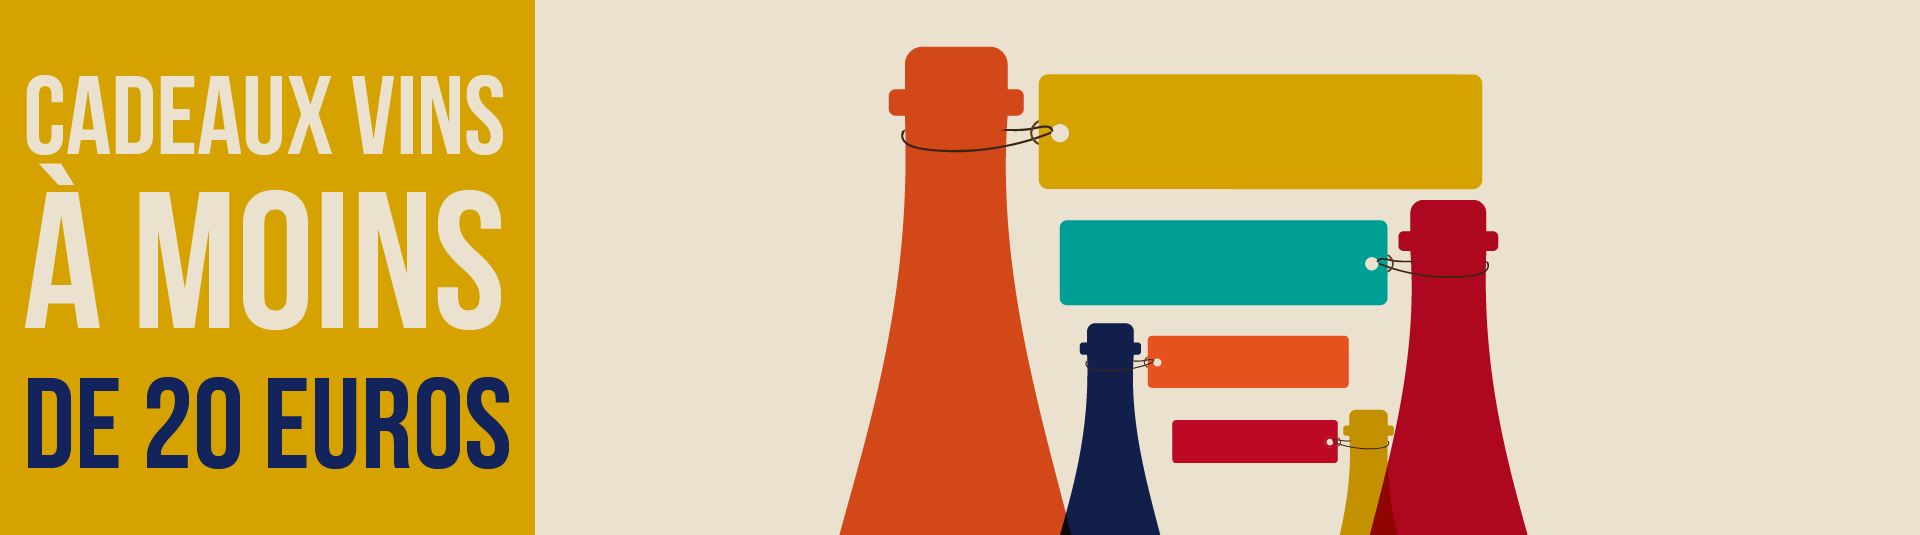 Cadeaux vins à moins de 20 euros